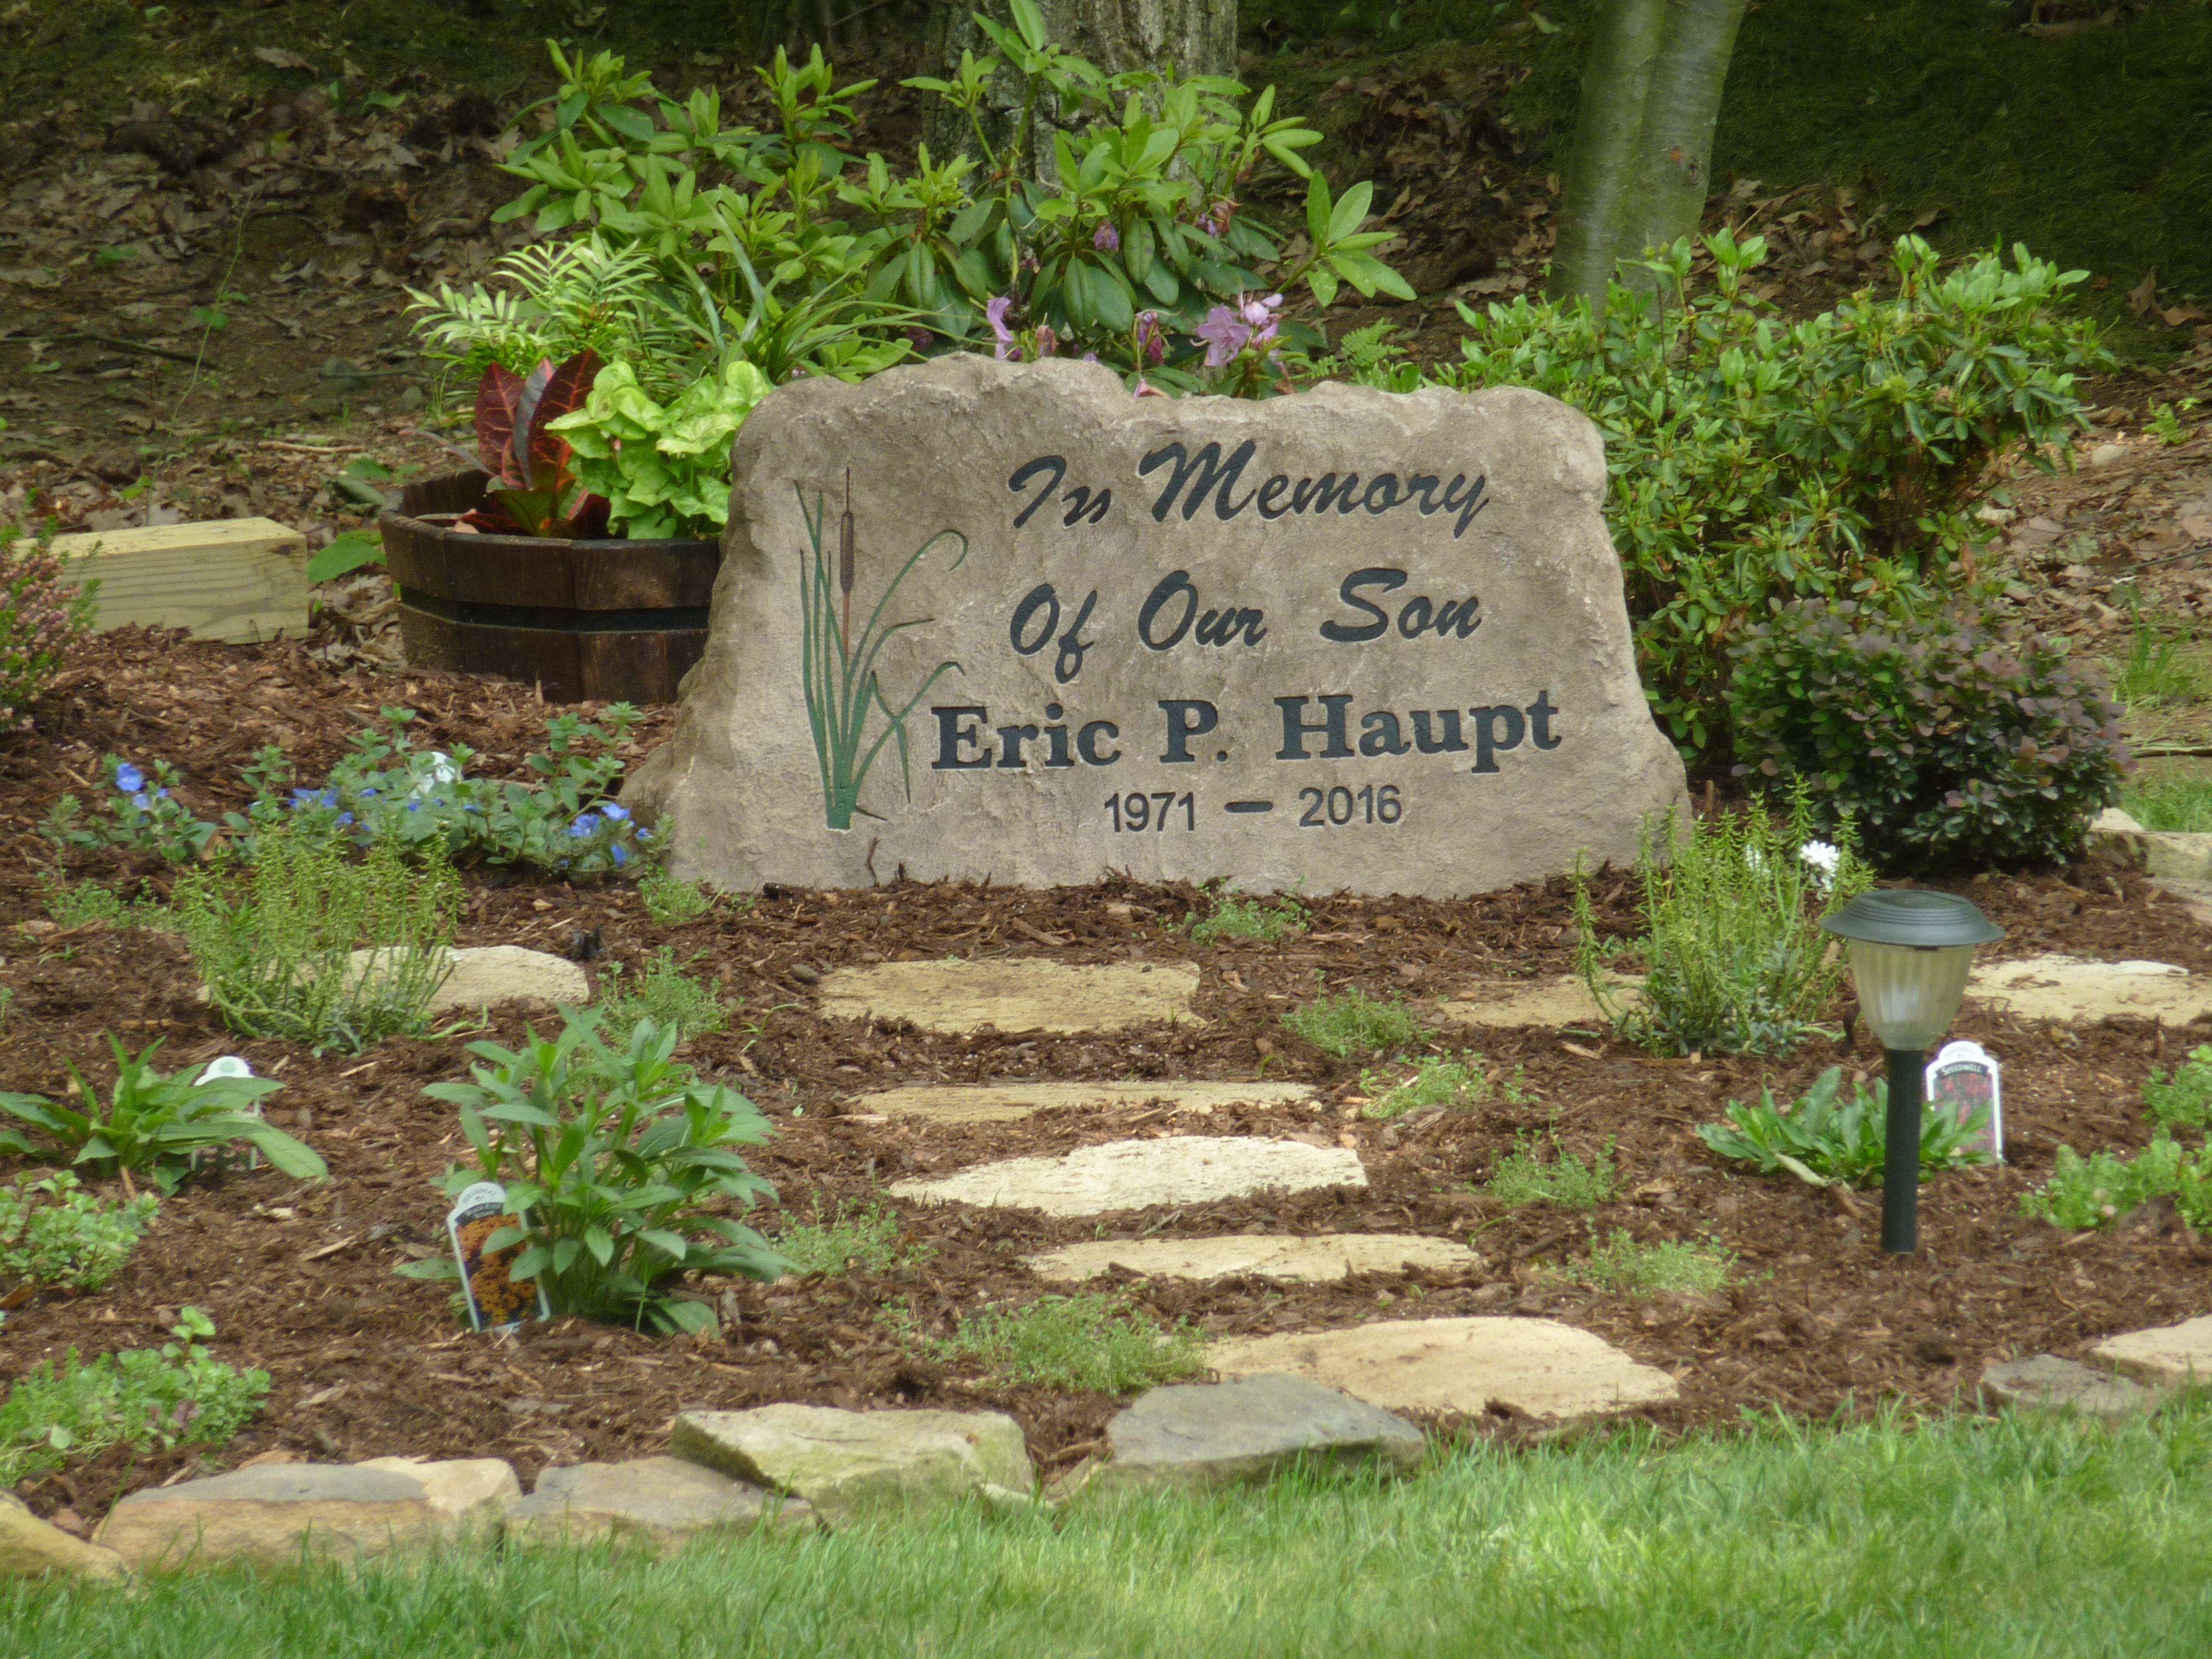 Our Memorial Garden For Our Son Featuring A Custom Made Stone Memorial Garden Memorial Garden Plaques Prayer Garden